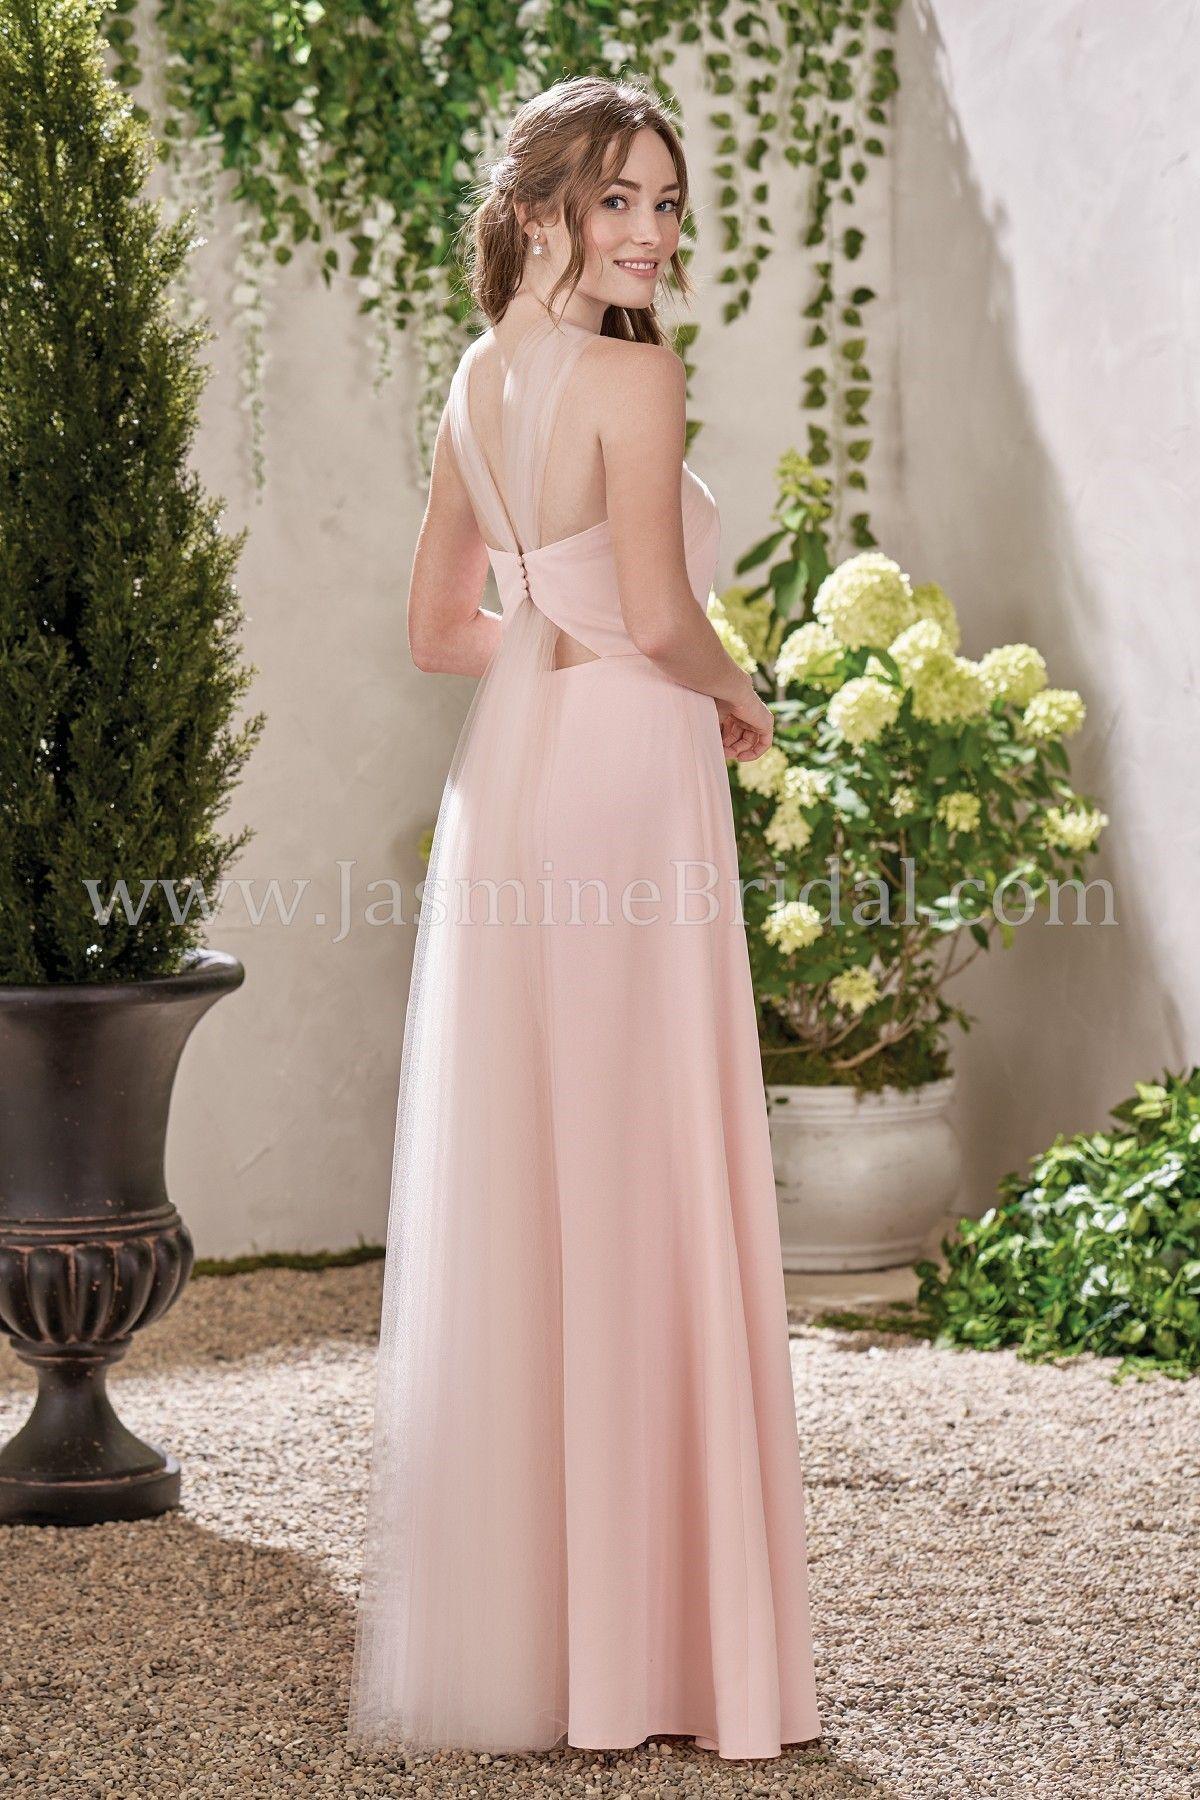 Jasmine Bridal | B2 Jasmine Bridal Dresses | Pinterest